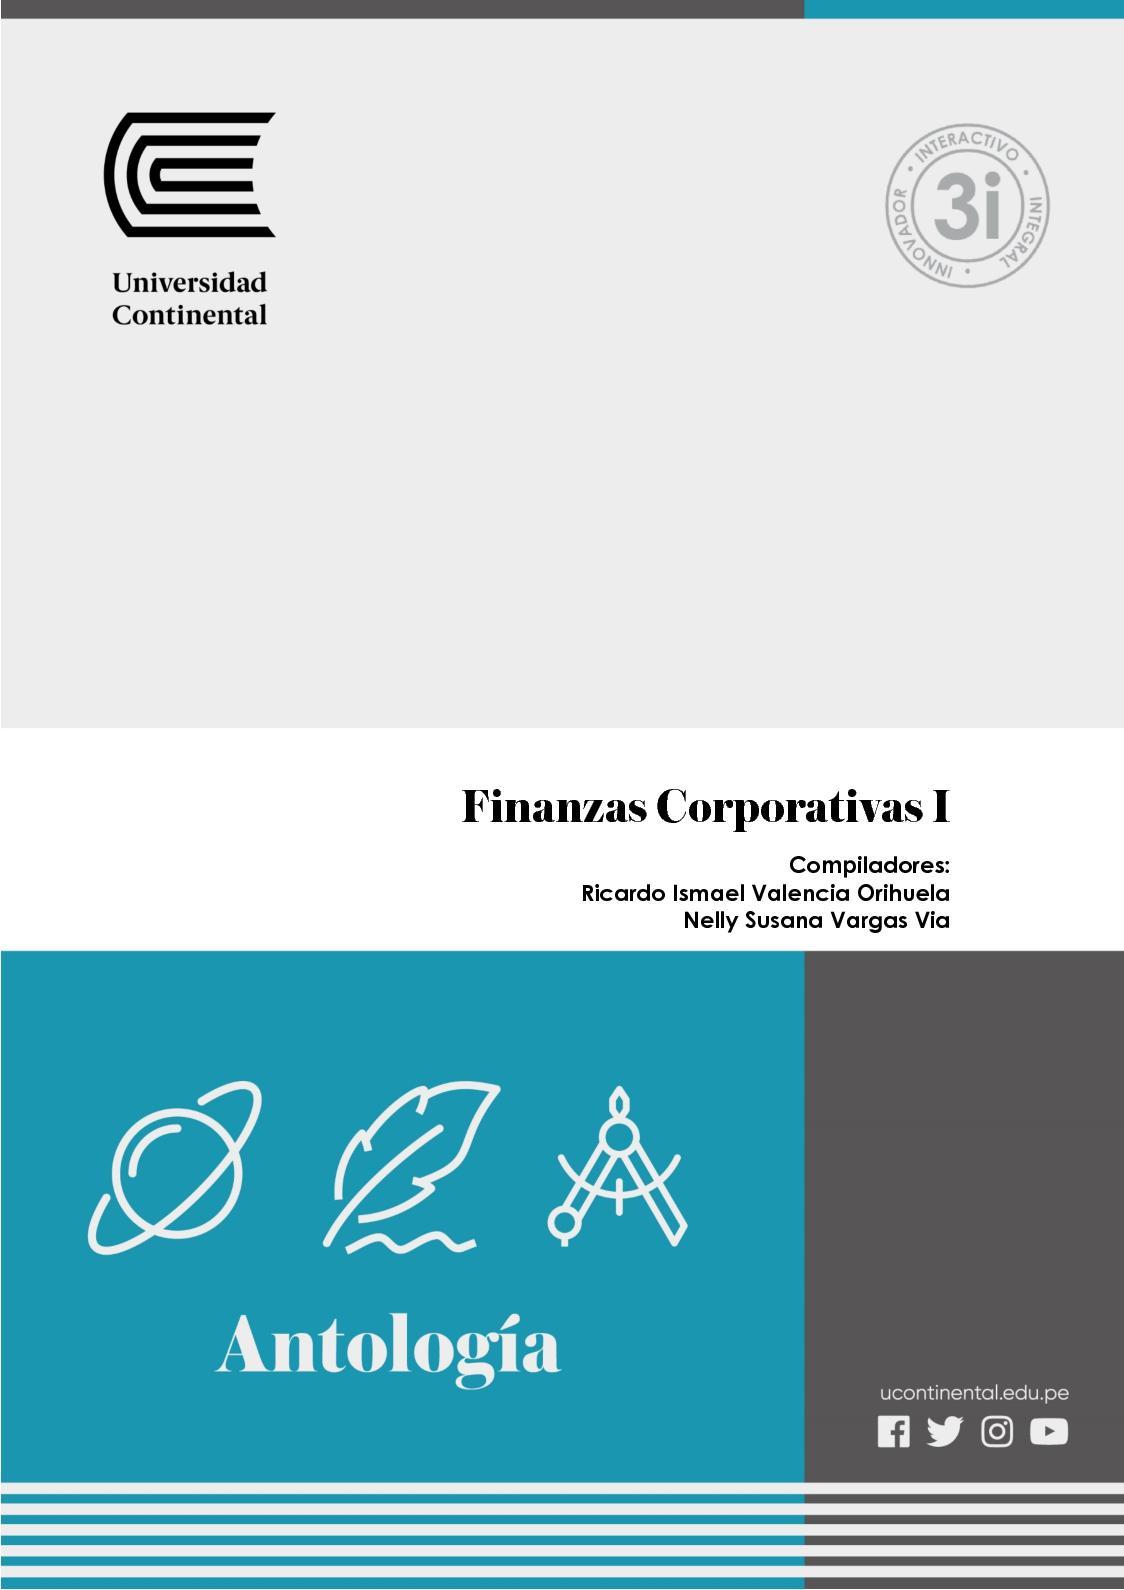 Finanzas Corporativas Uc0341 Antologia